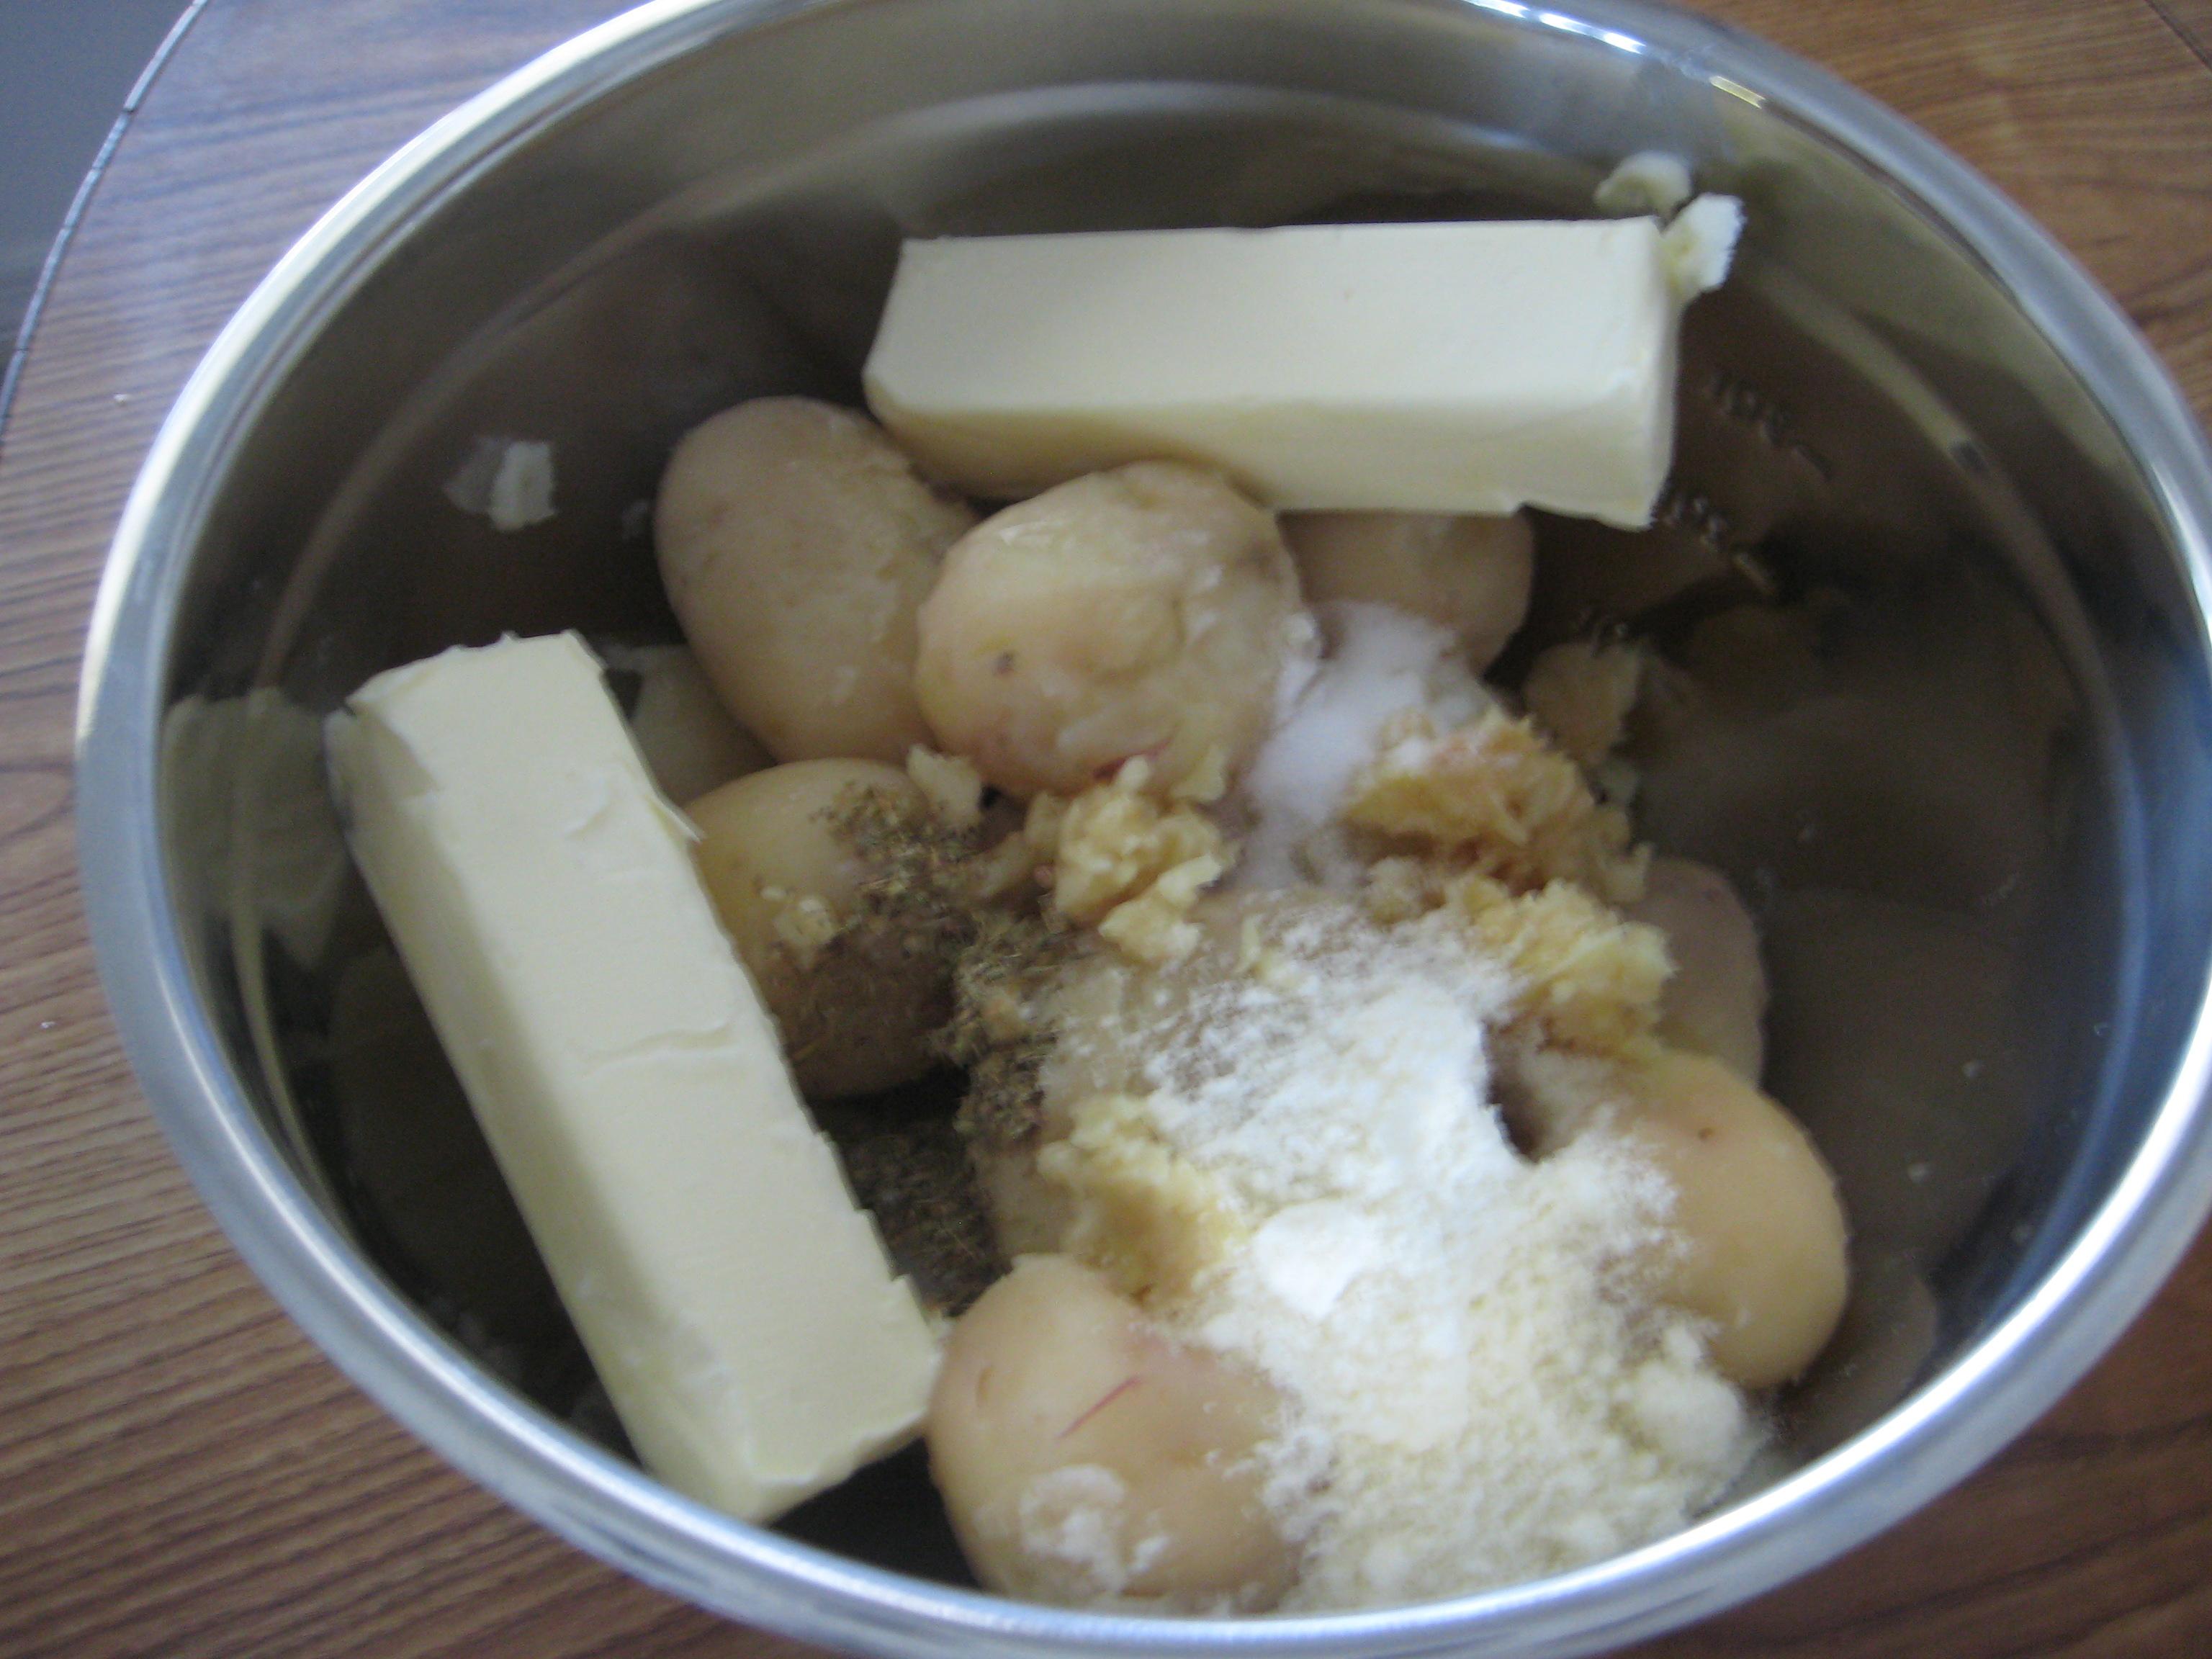 طريقة تجهيز البطاطس المهروسة بالثوم bntpal_1502518069_52